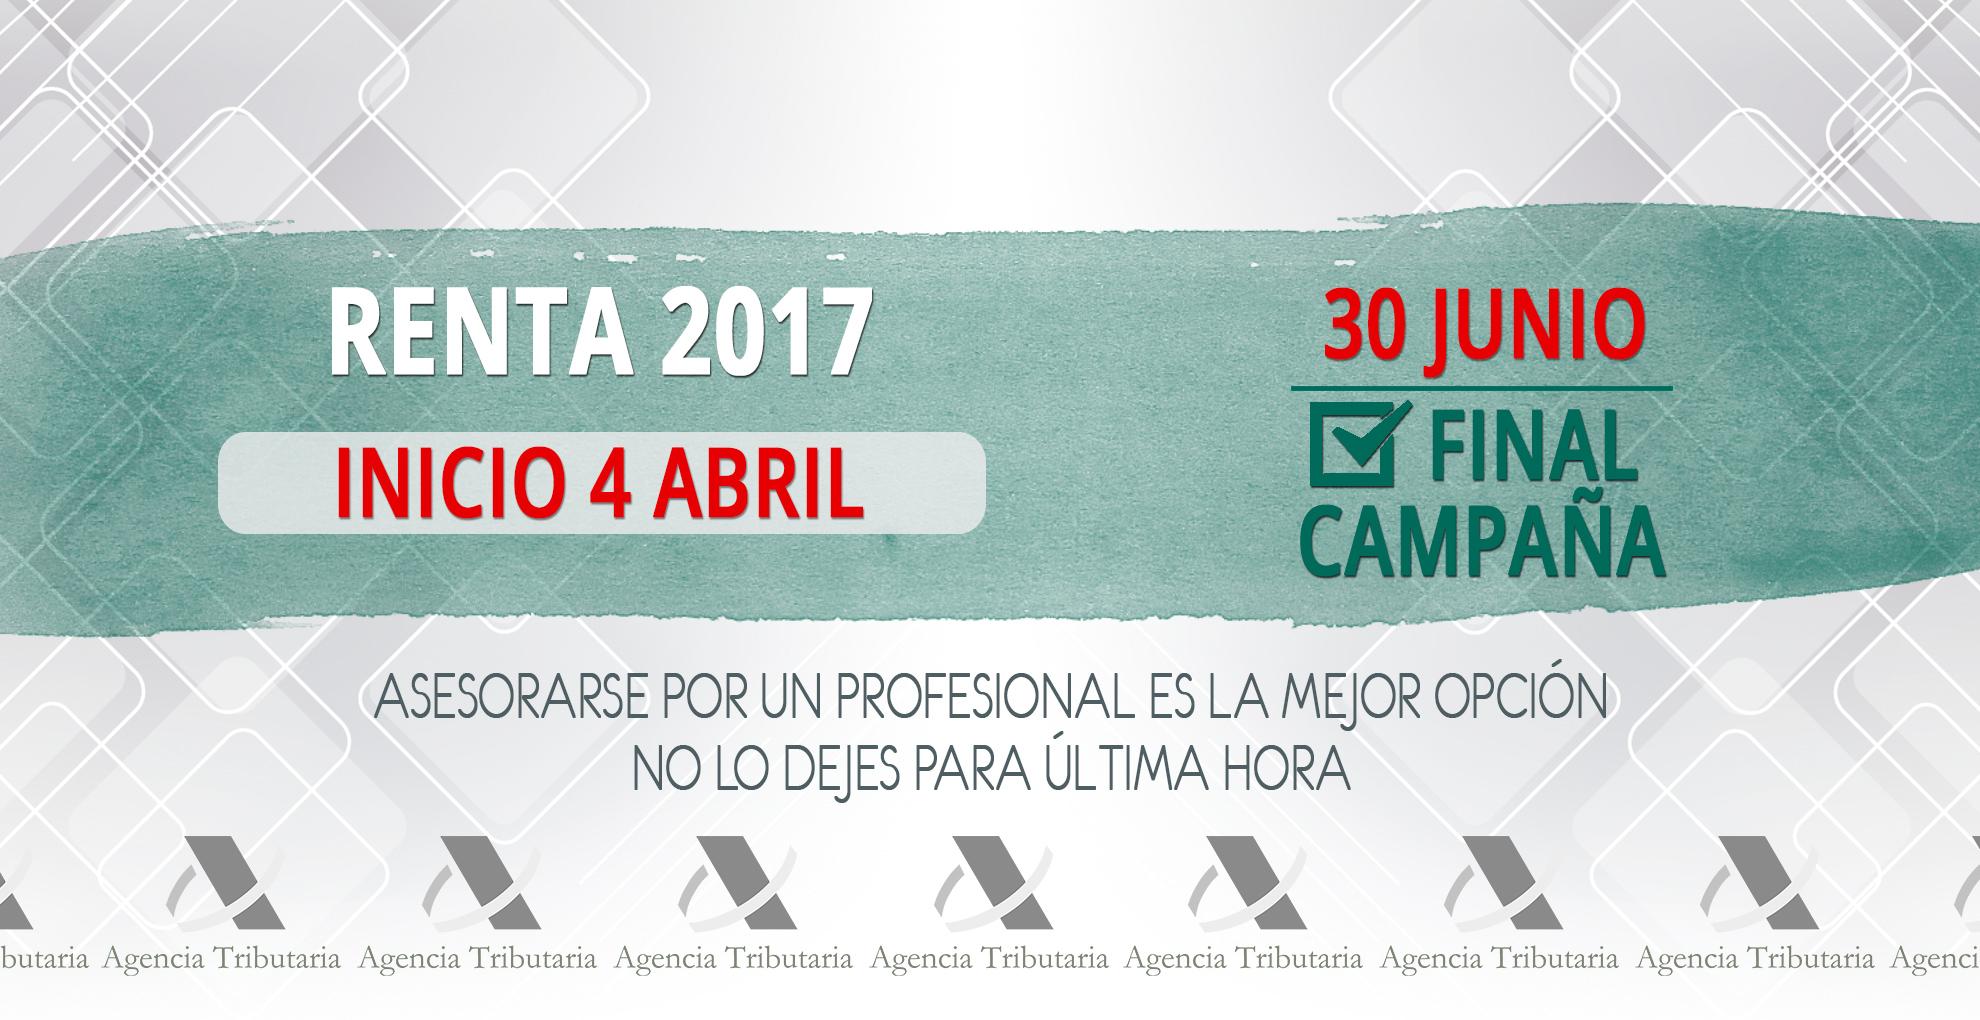 Renta 2017 gestoria bocanegra